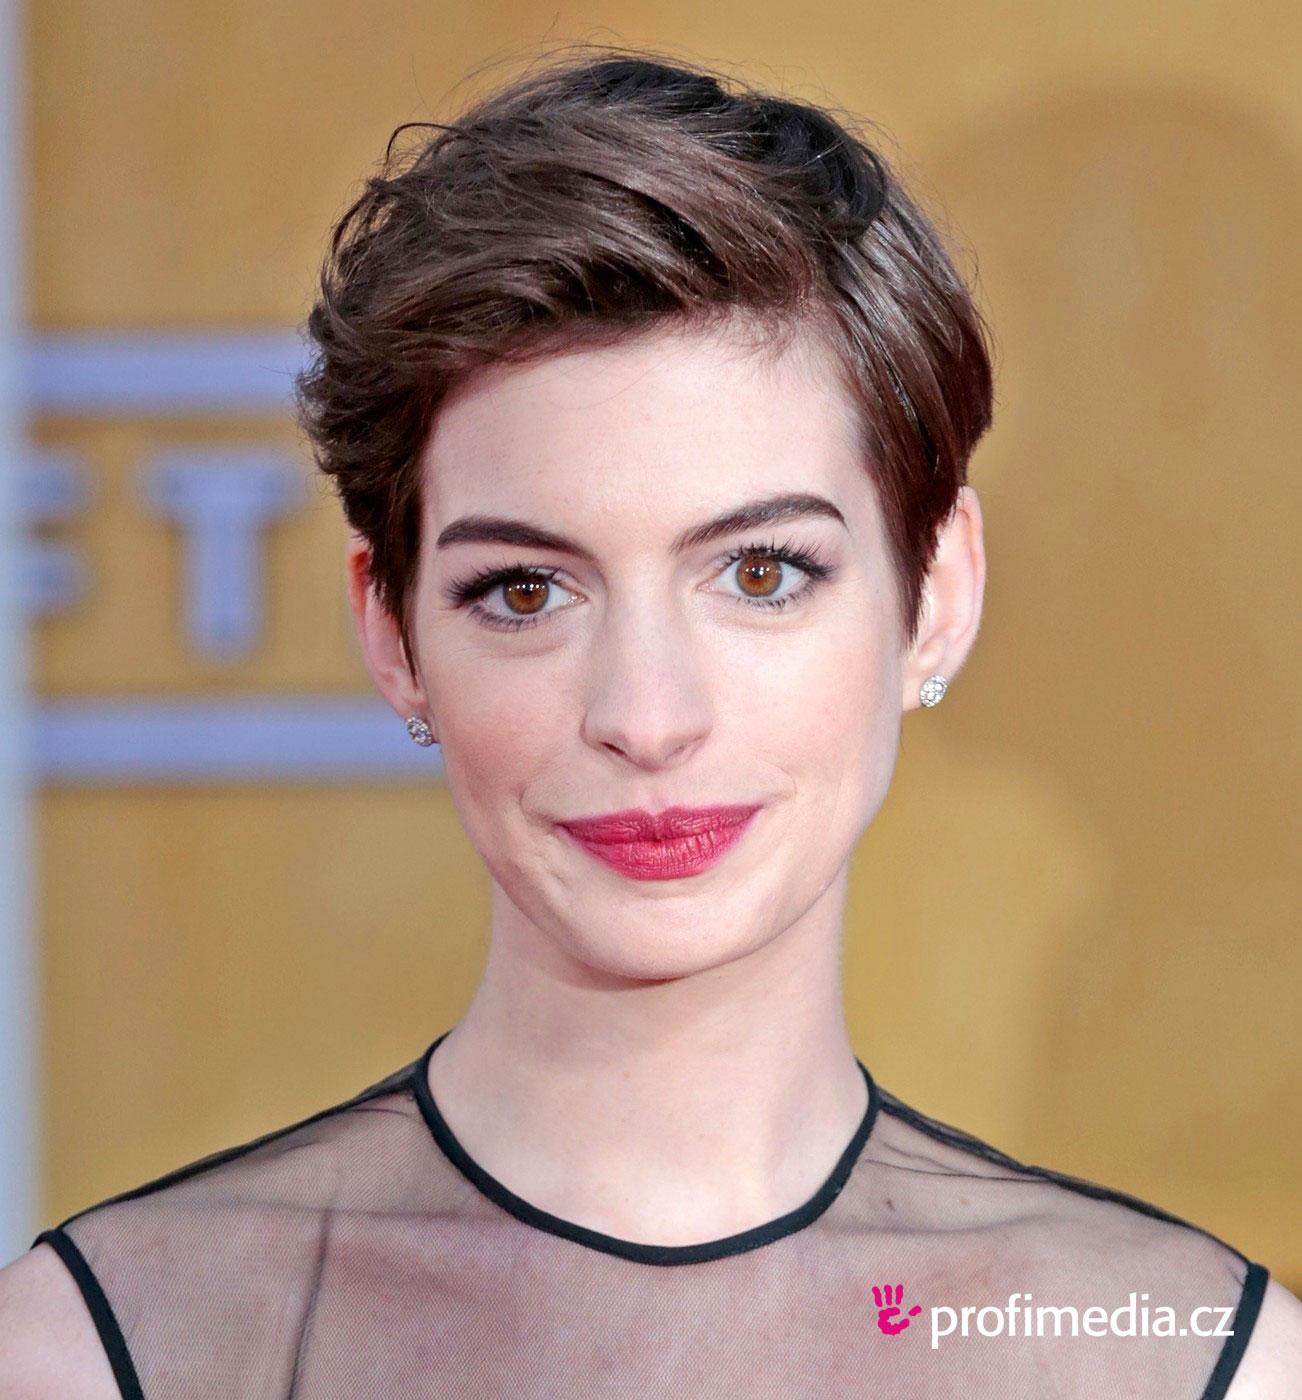 Anne Hathaway Frisur Zum Ausprobieren In EFrisuren